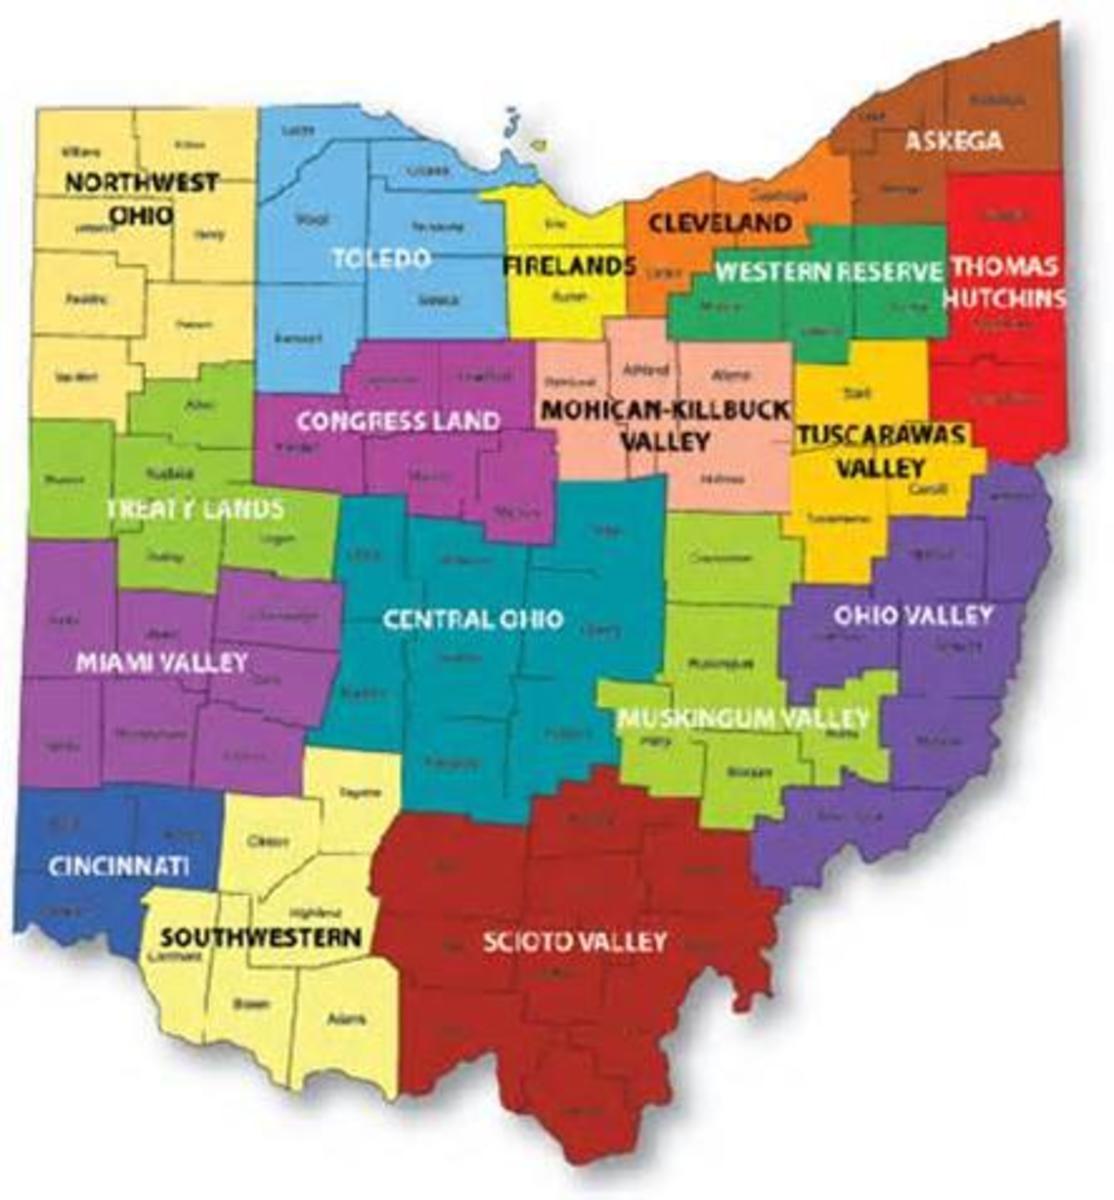 Ohio regions